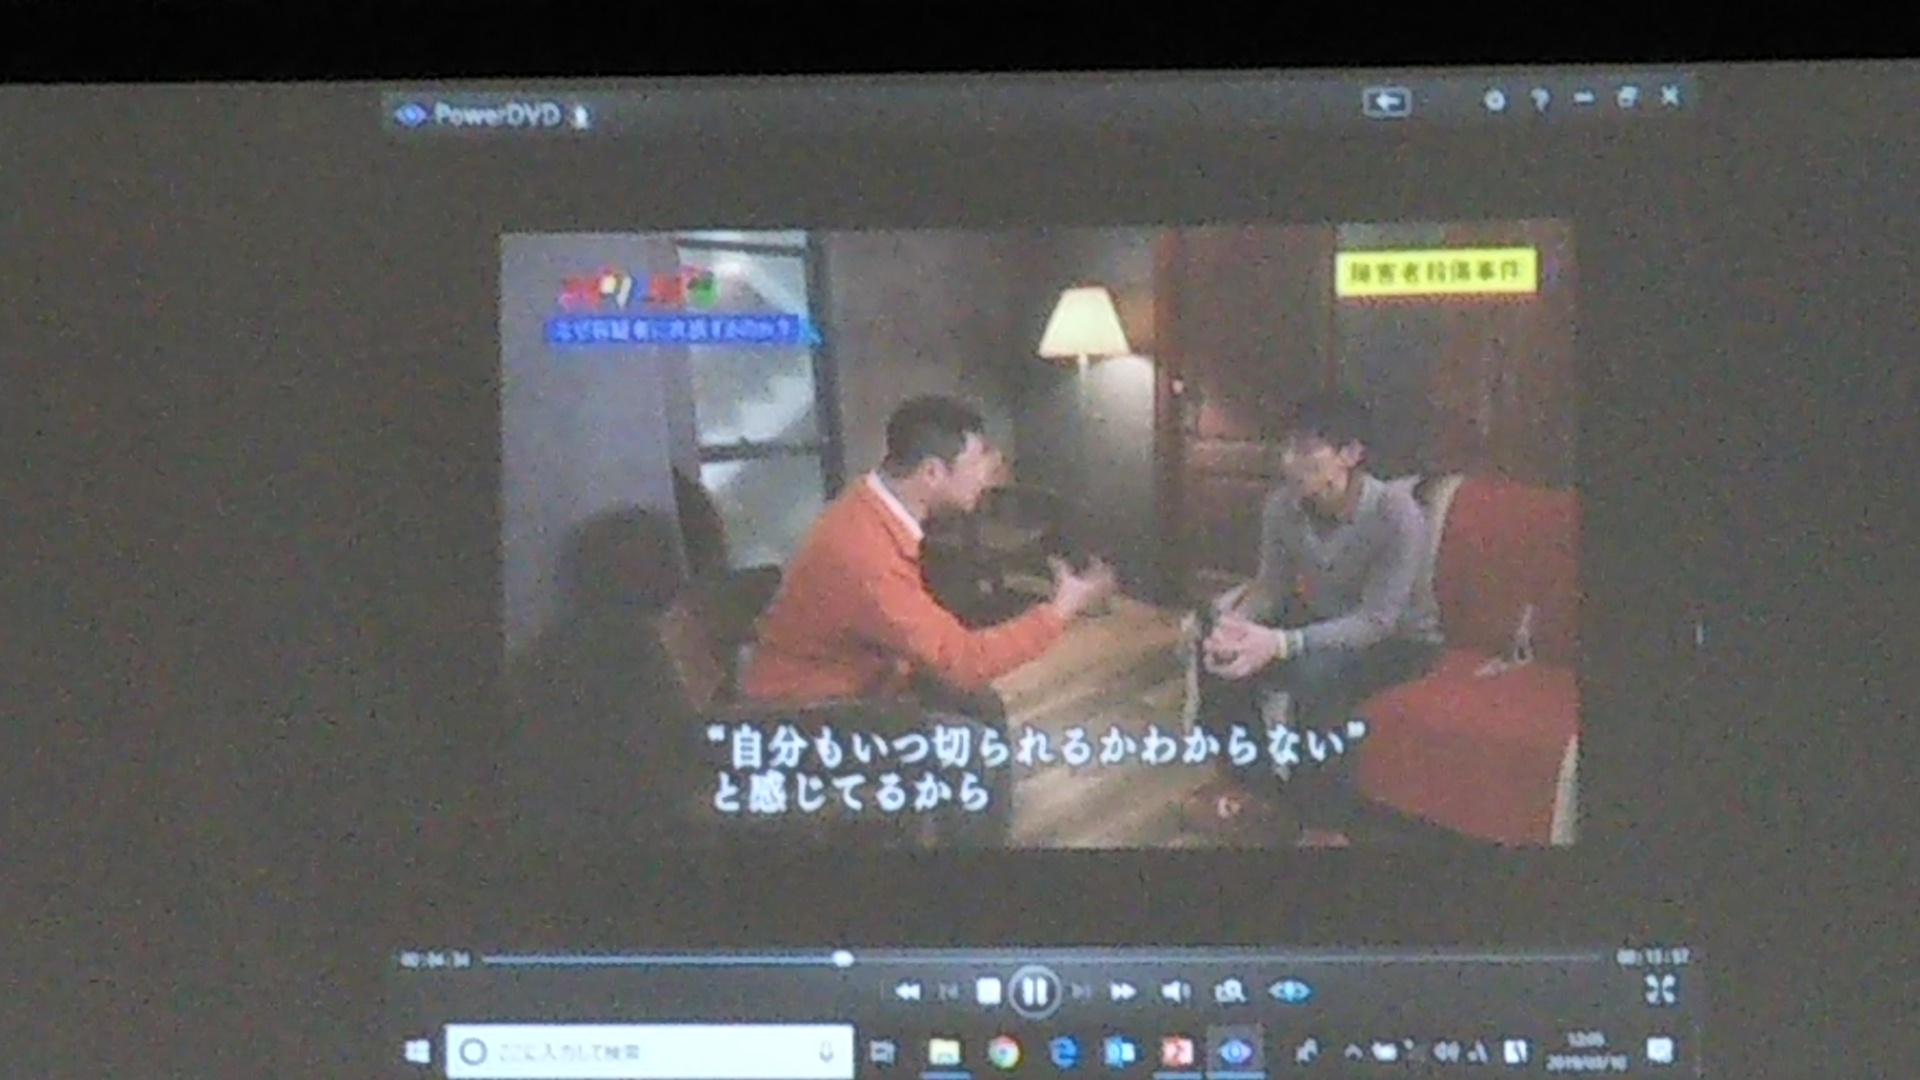 '18 権利擁護研修(講義編)